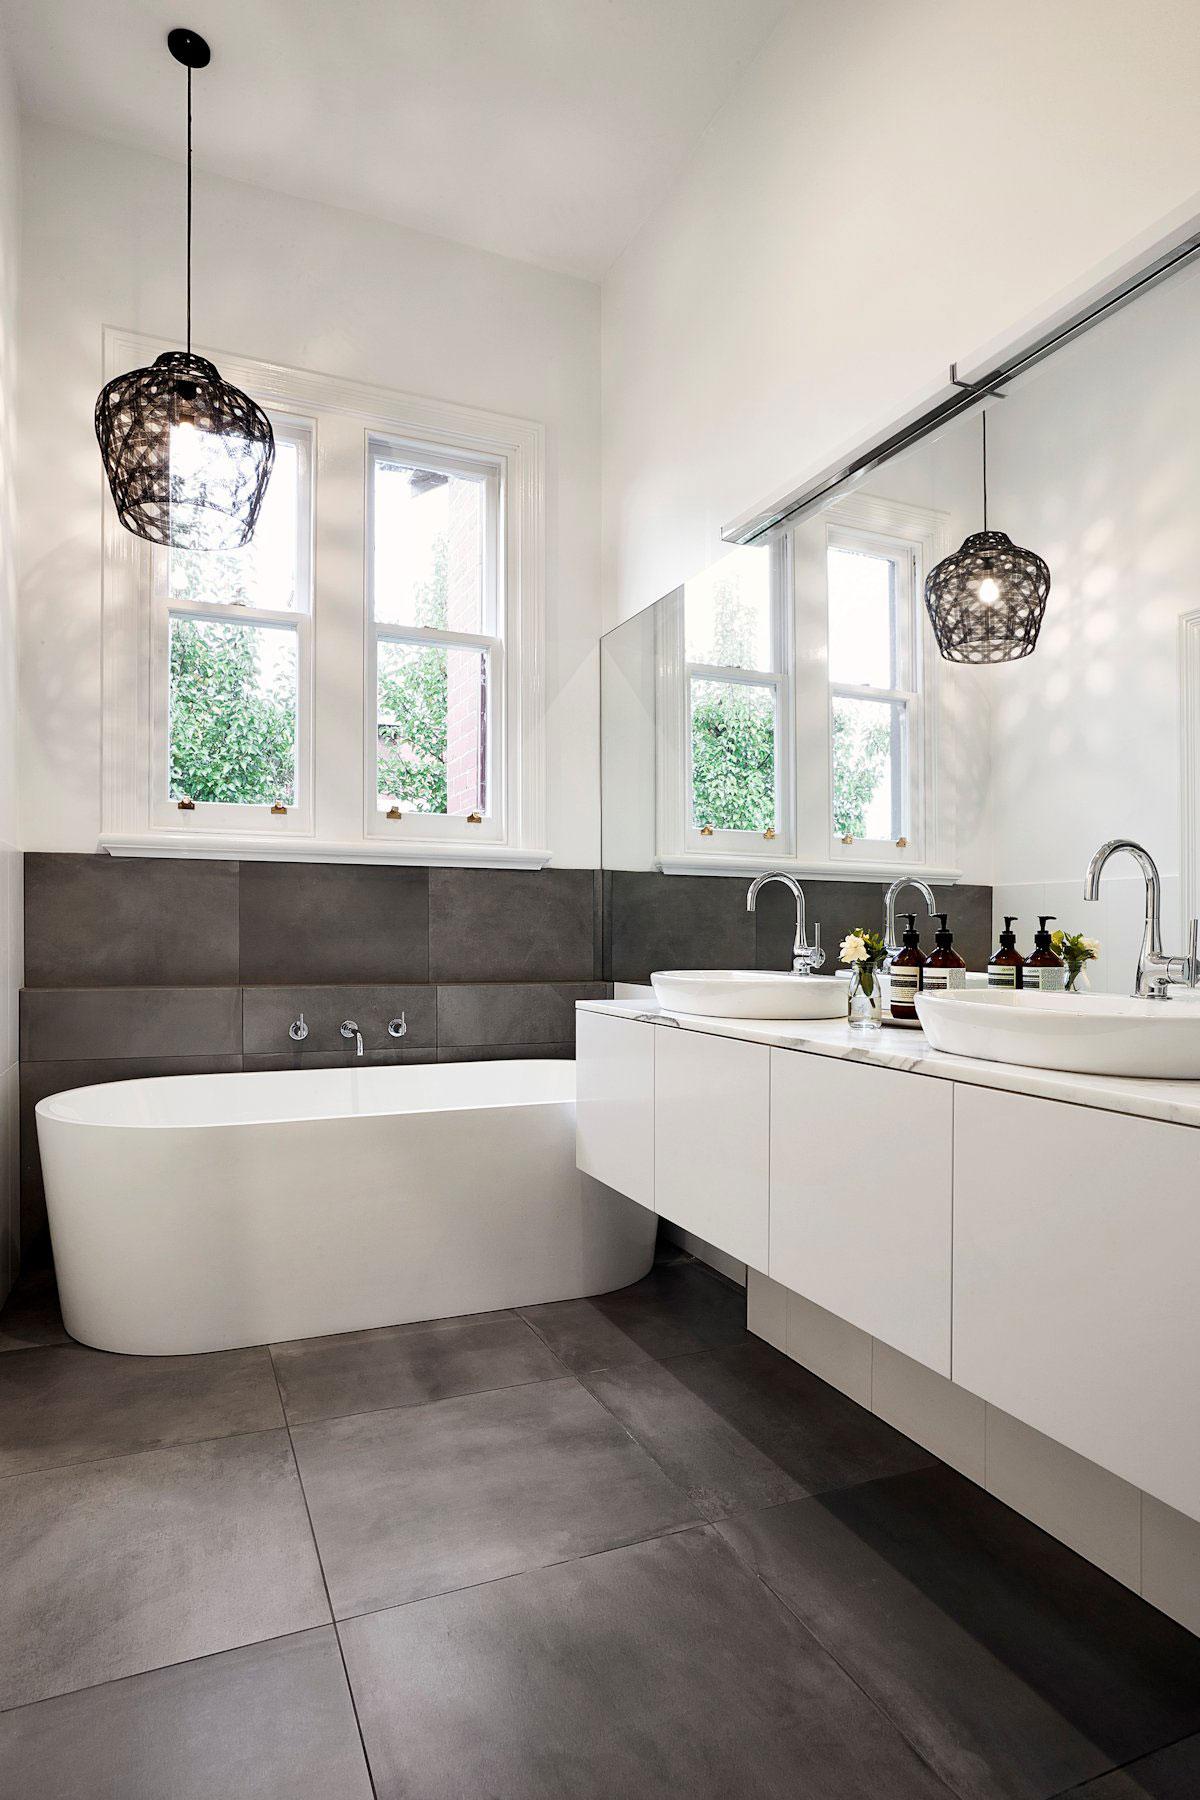 Trevligt-badrum-inredning-design-värt att se-4 Trevligt-badrum-inredning design-värt att se